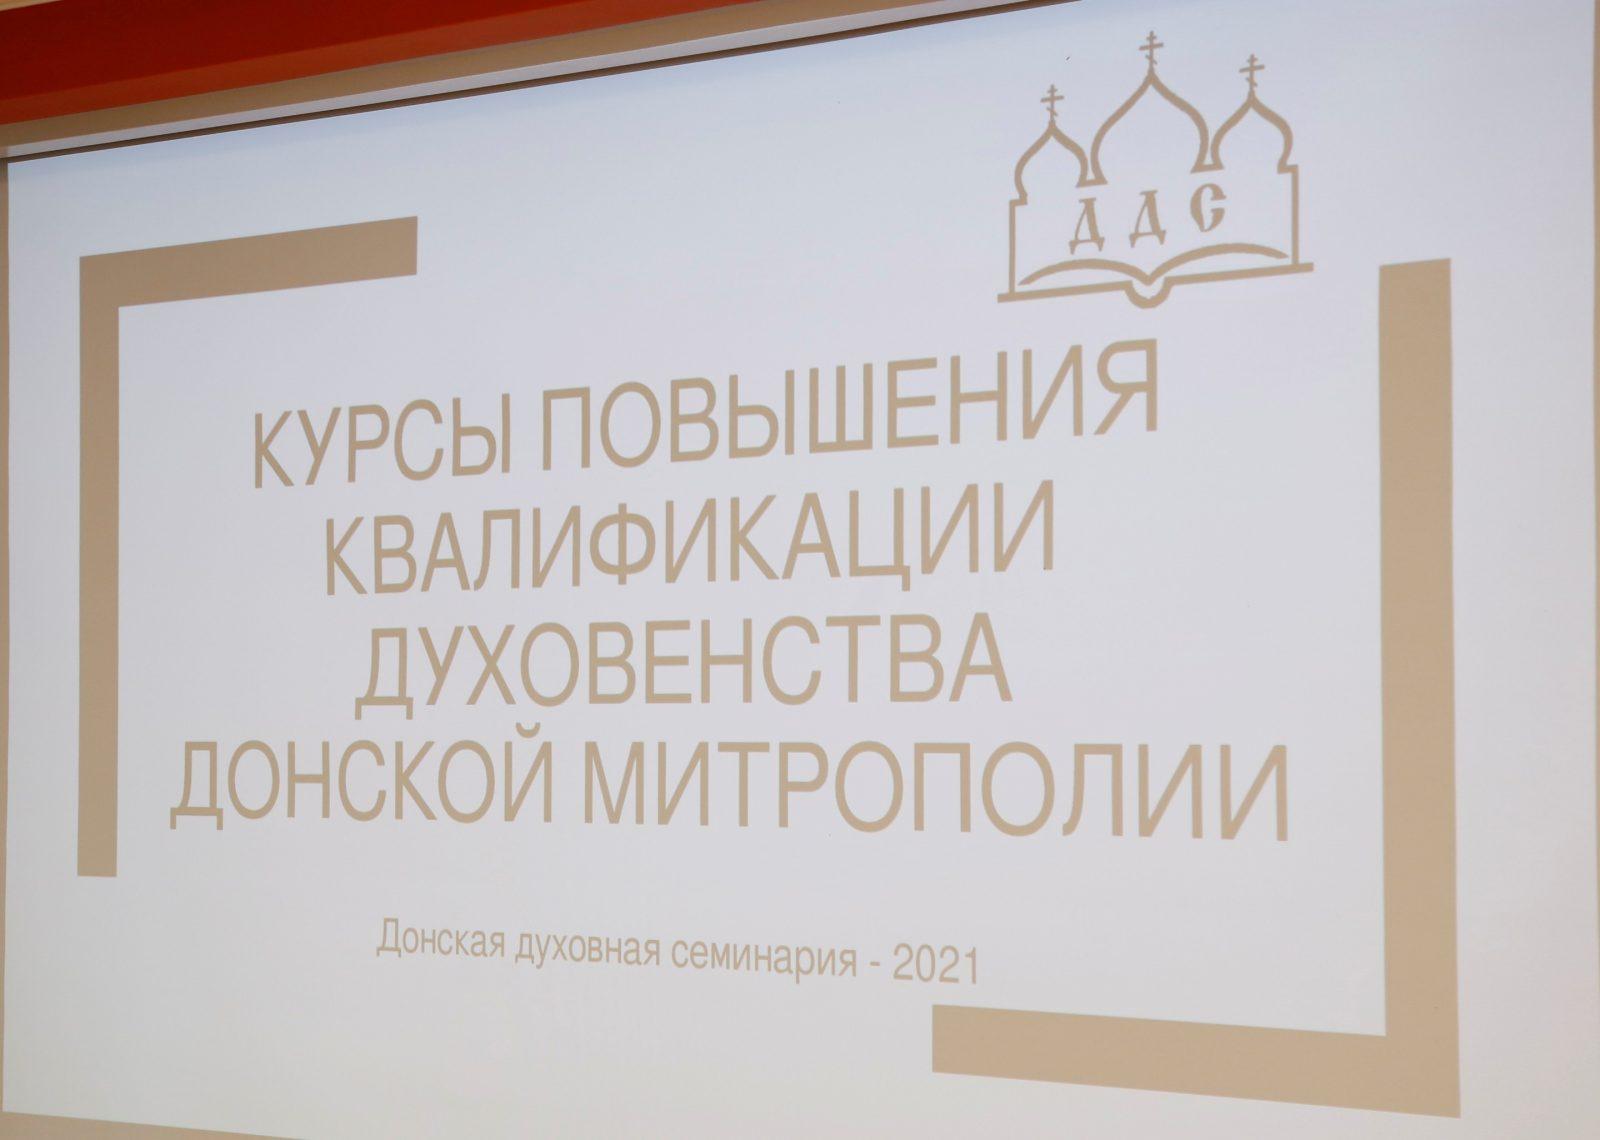 В Донской духовной семинарии началось обучение на курсах повышения квалификации священнослужителей